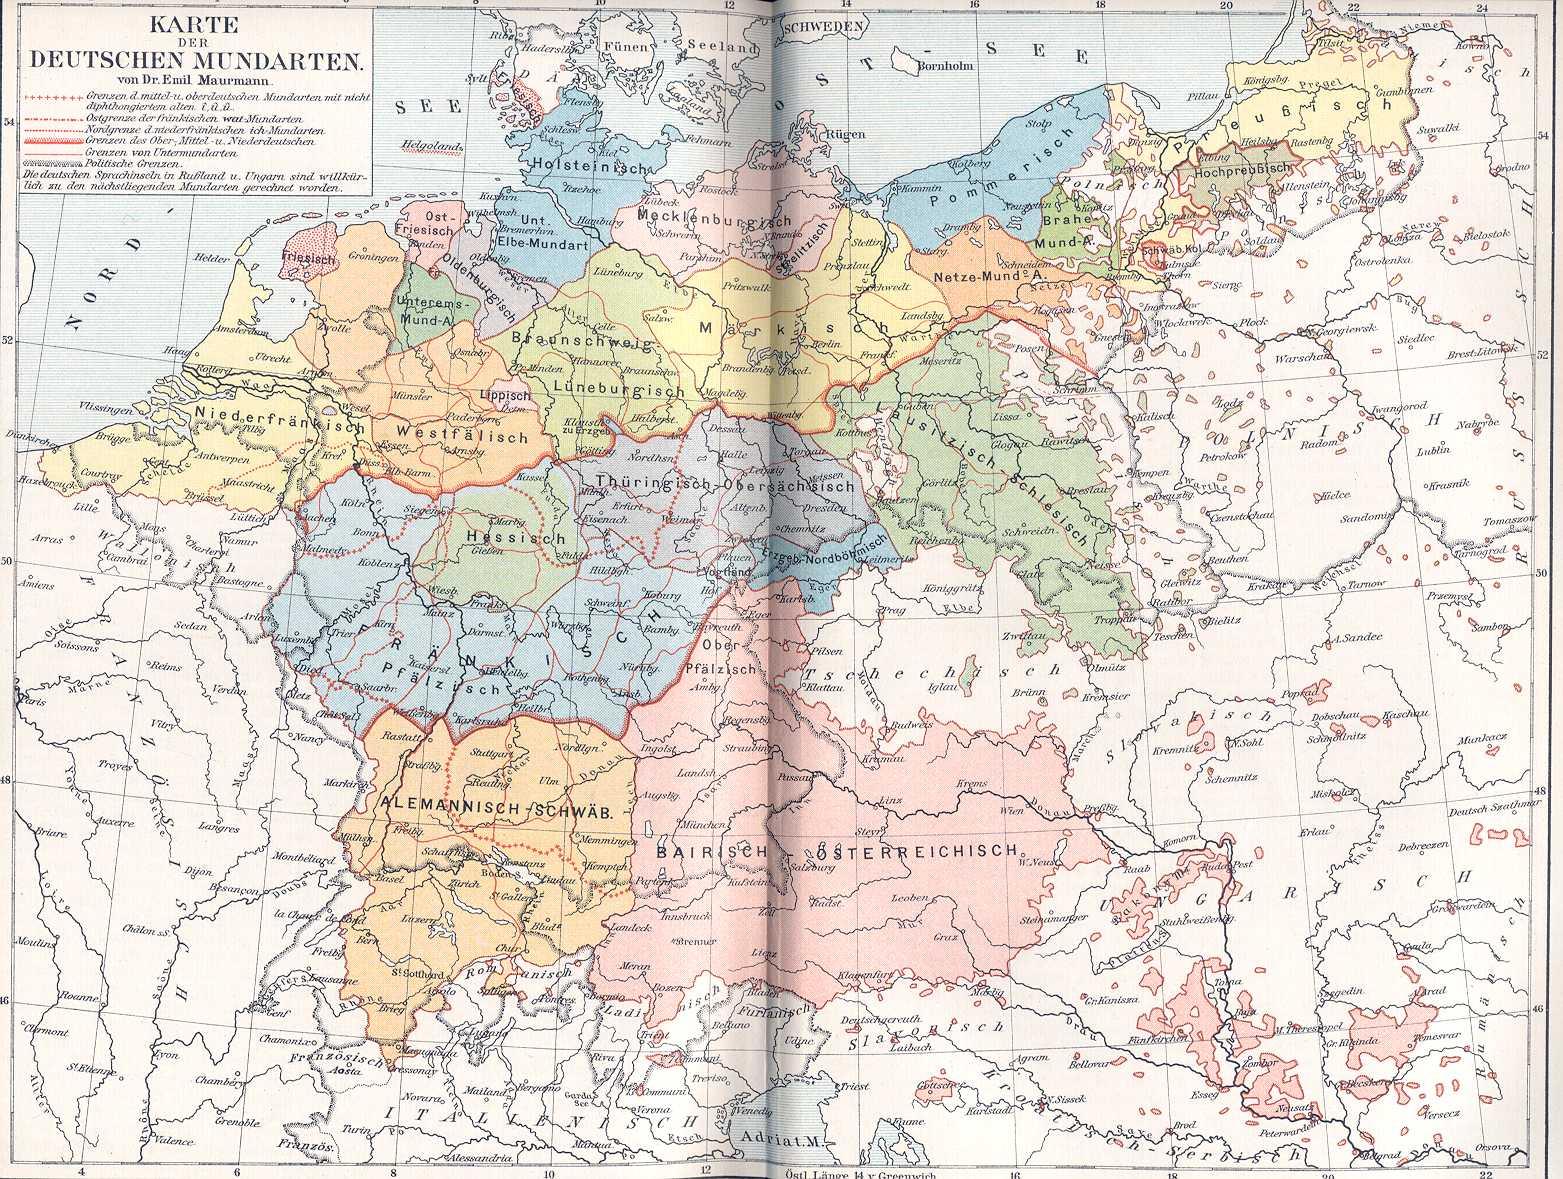 Round About Deutsch